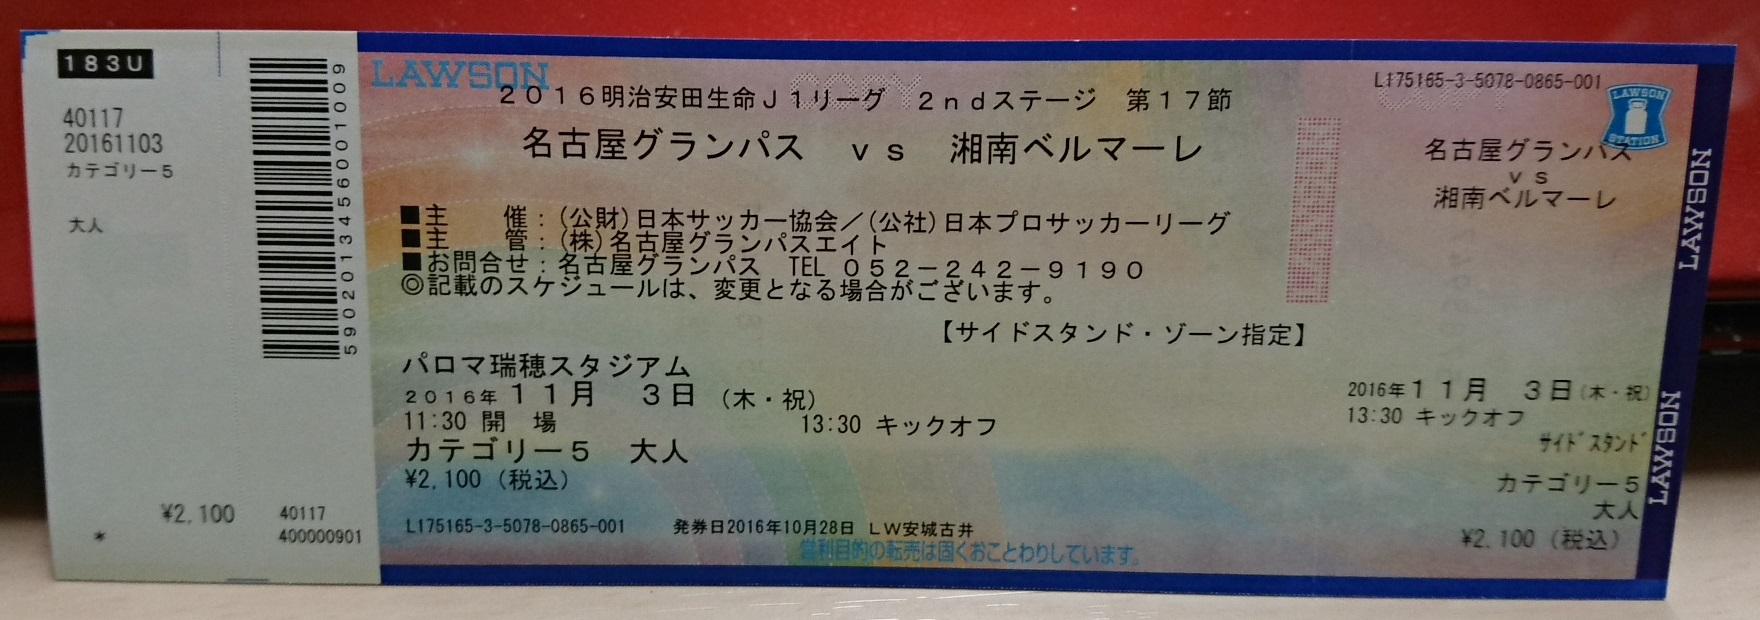 2016.10.28 サッカー観戦券 - 2016.11.3 グランパスたいベルマーレ